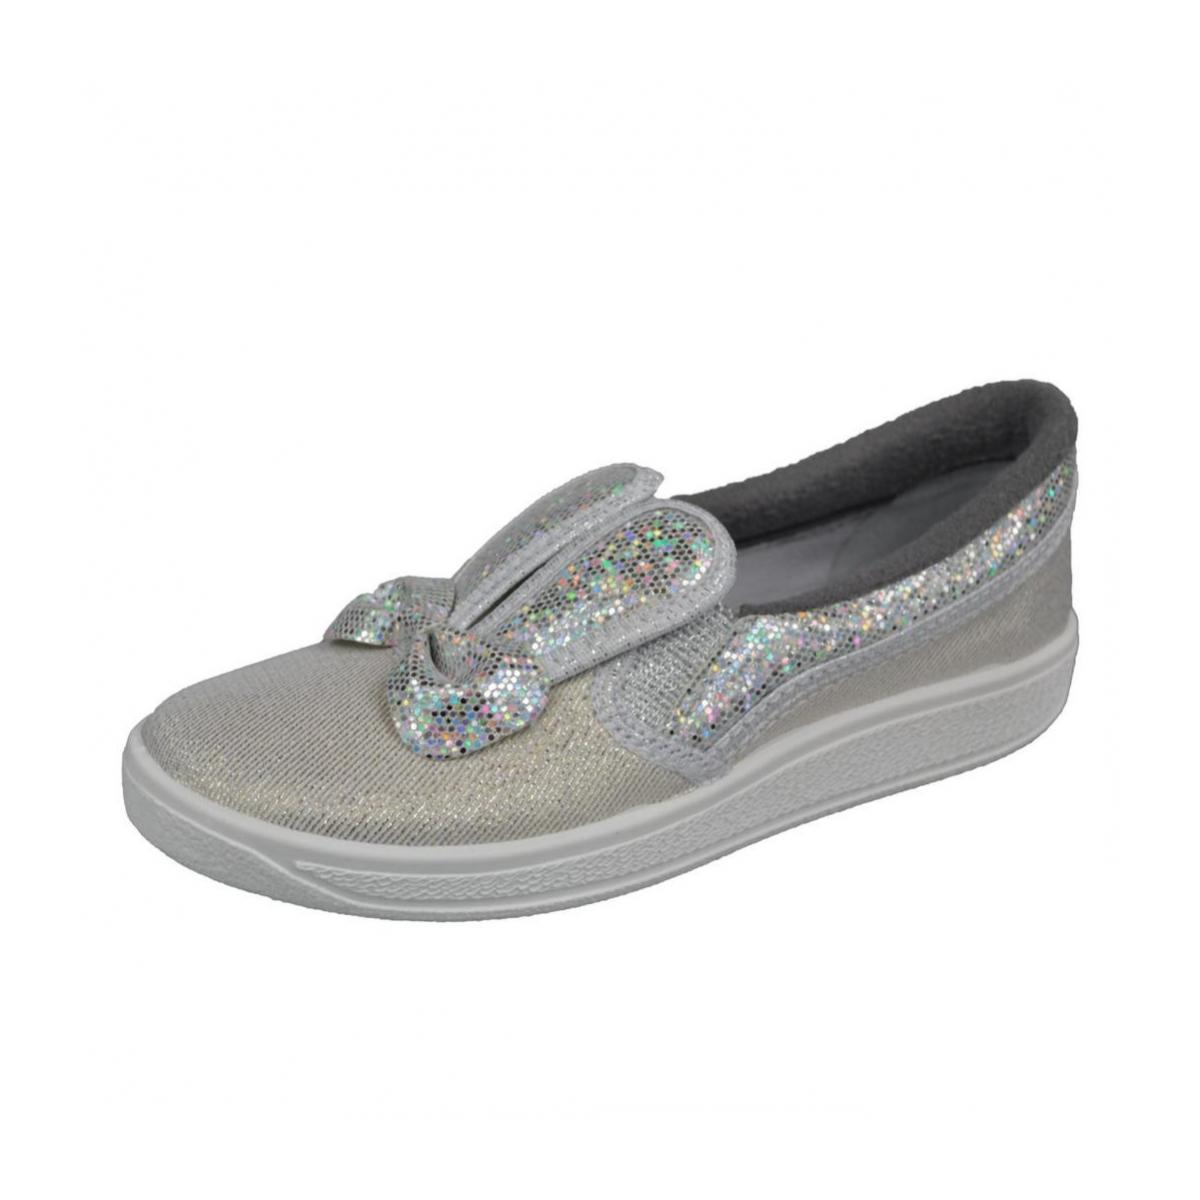 0567b391f5b0 Detské strieborné topánky BUNNY - 2